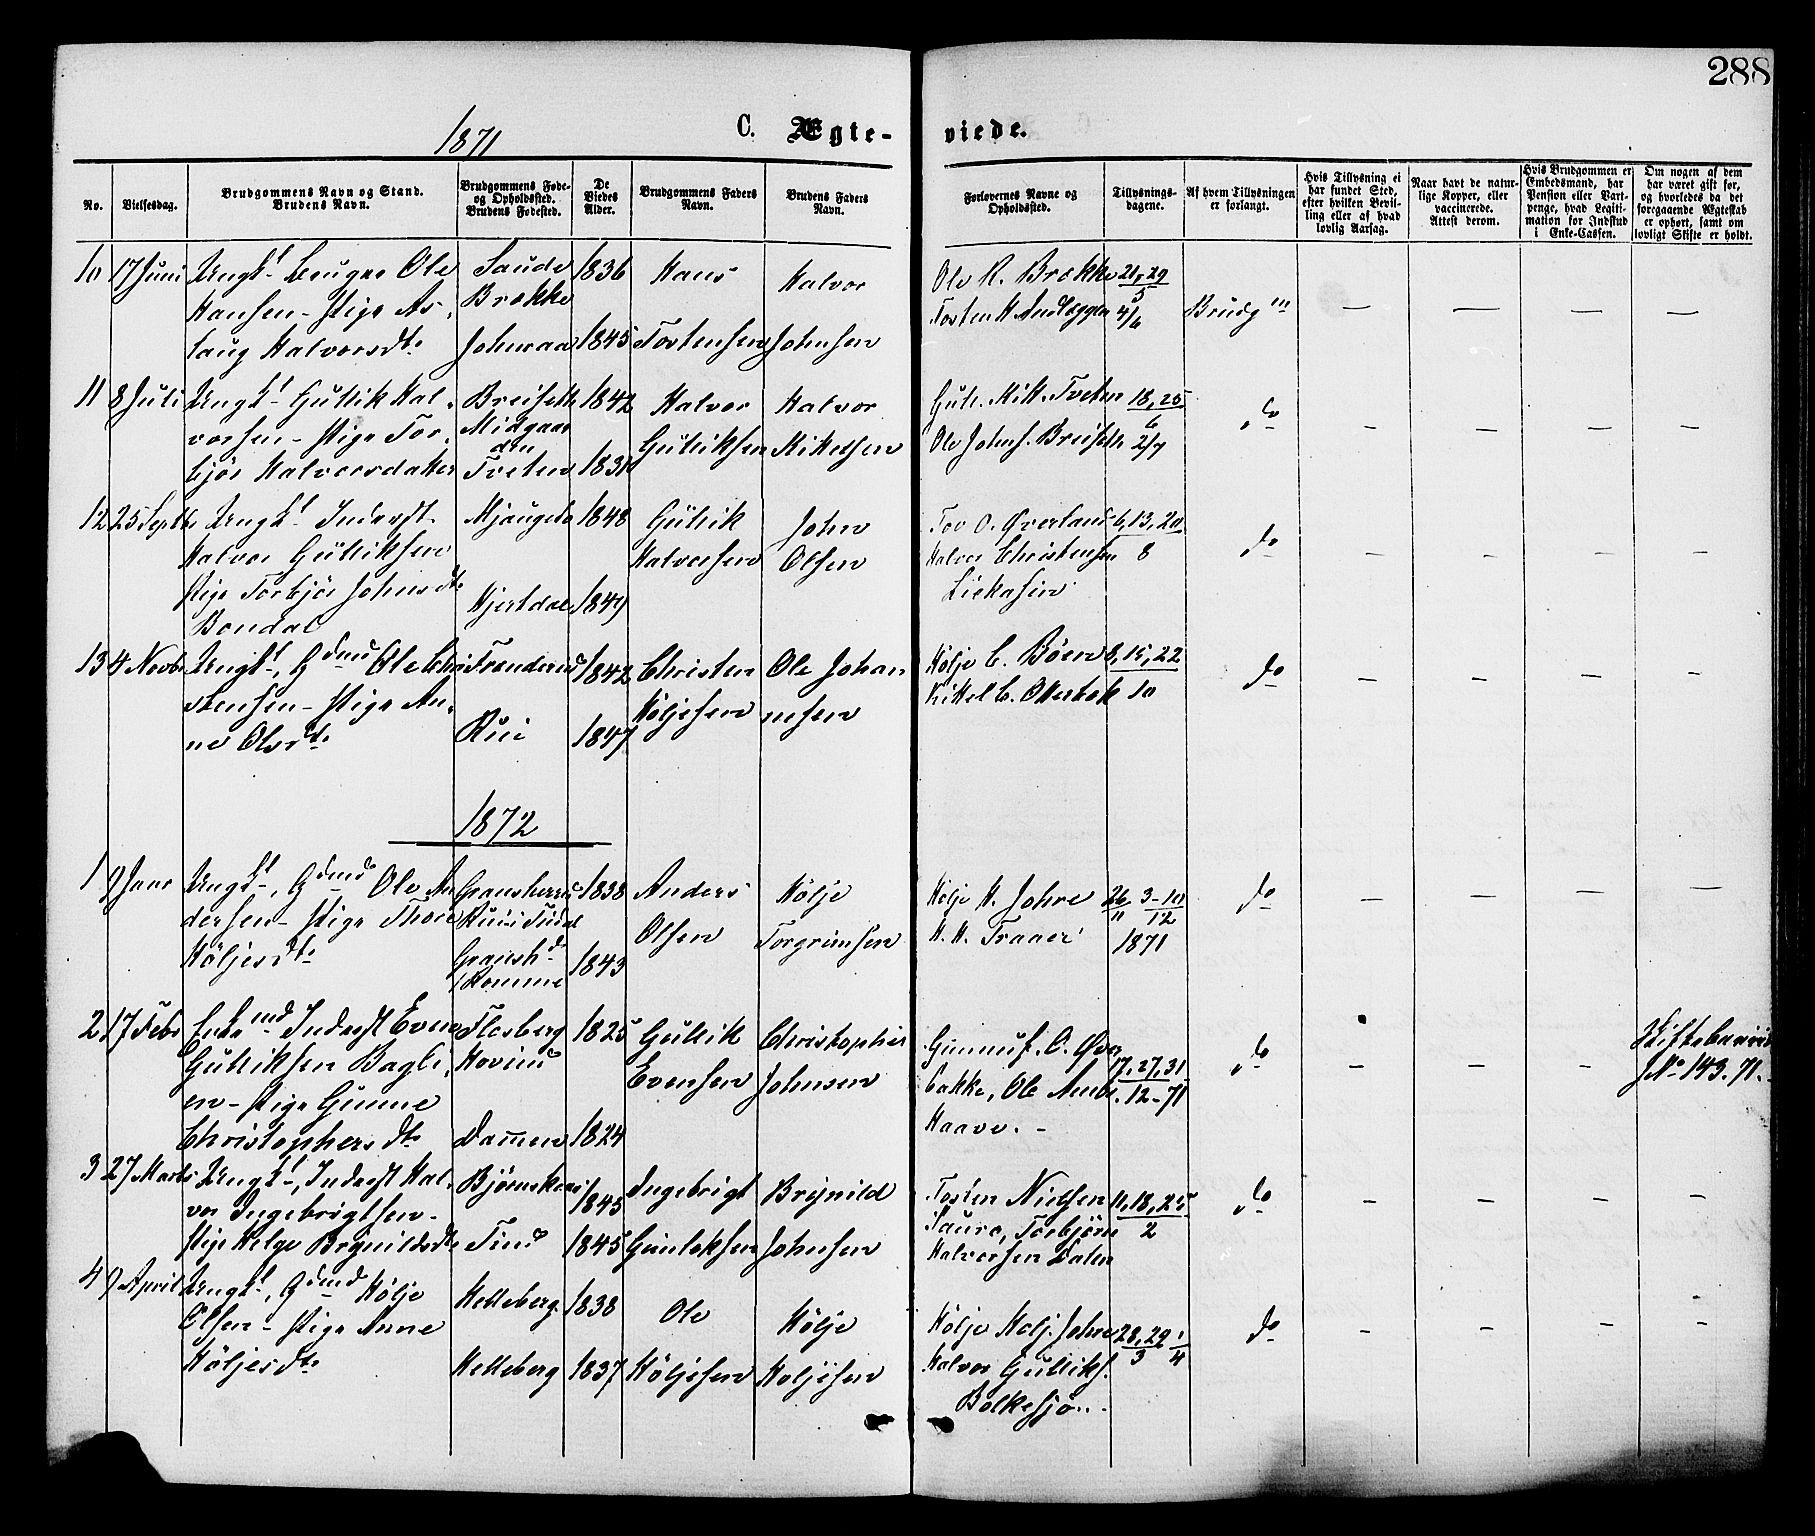 SAKO, Gransherad kirkebøker, F/Fa/L0004: Ministerialbok nr. I 4, 1871-1886, s. 288